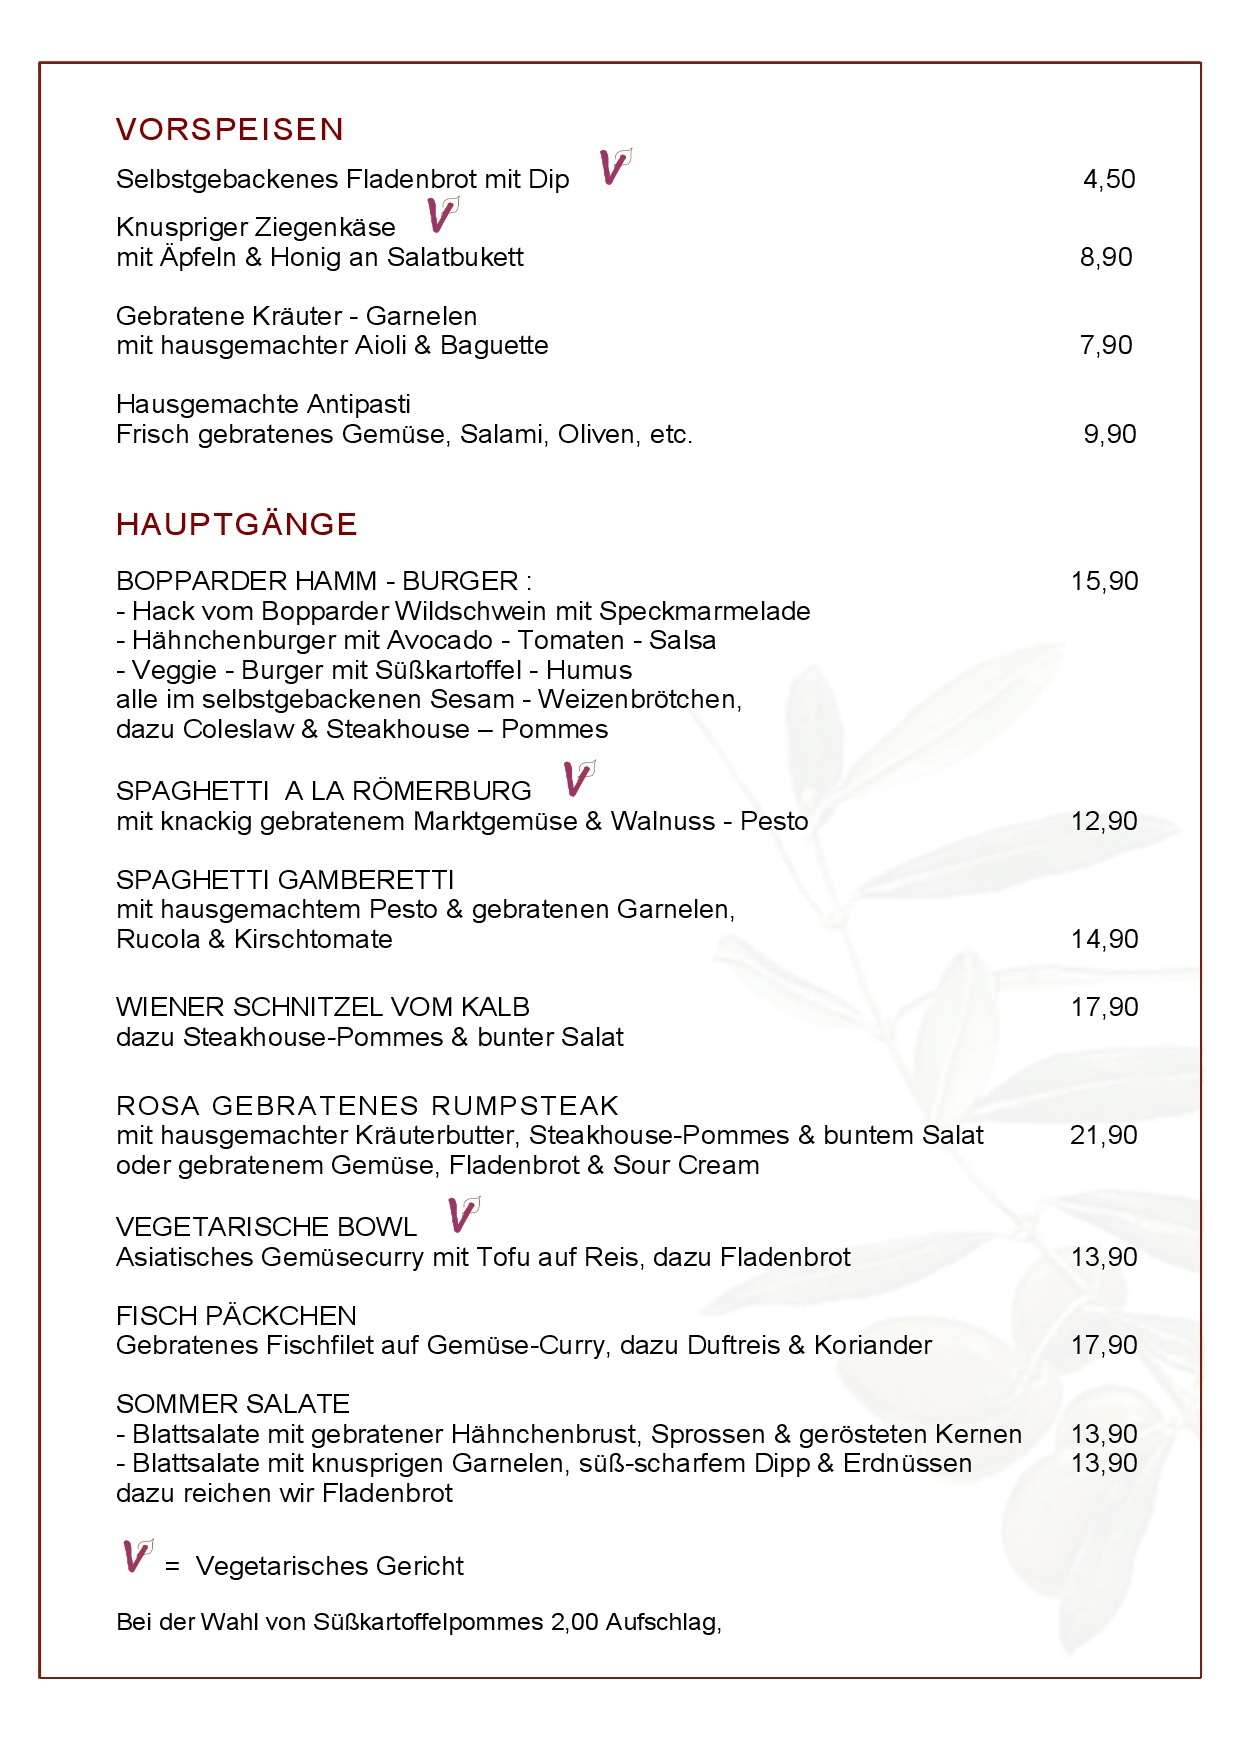 Speisekarte der Römerburg Boppard